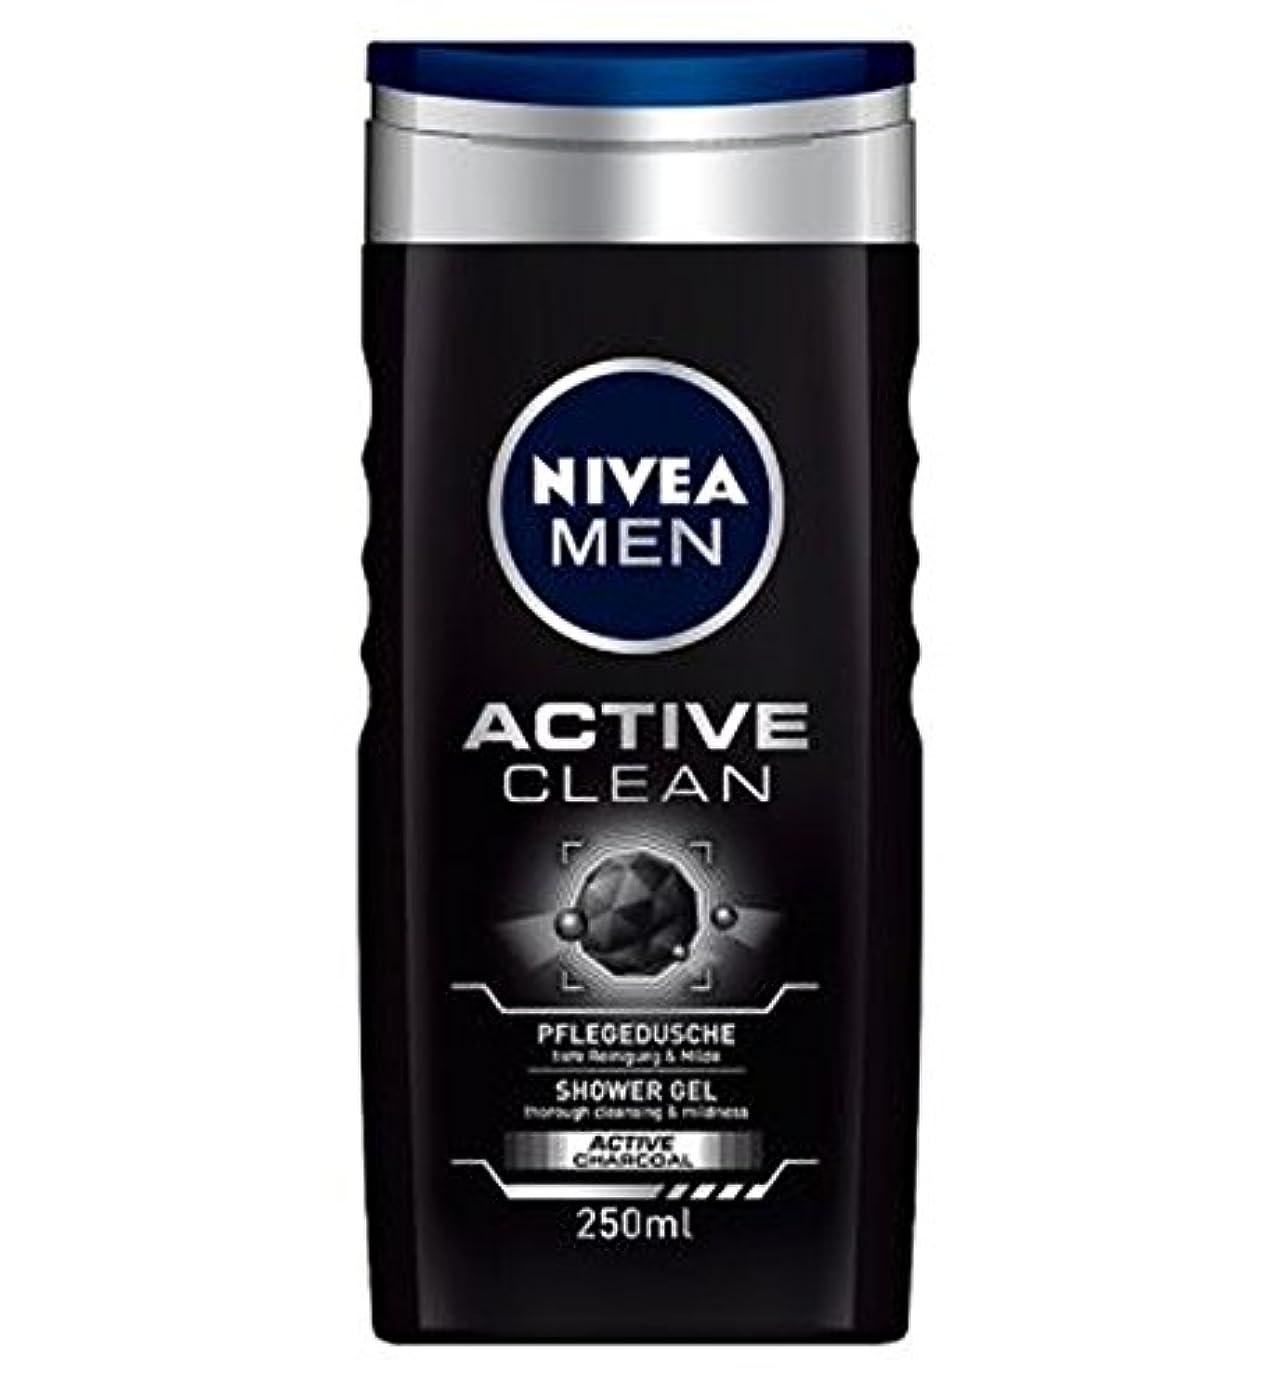 変位生理維持ニベアの男性アクティブクリーンシャワージェル250ミリリットル (Nivea) (x2) - NIVEA MEN Active Clean Shower Gel 250ml (Pack of 2) [並行輸入品]